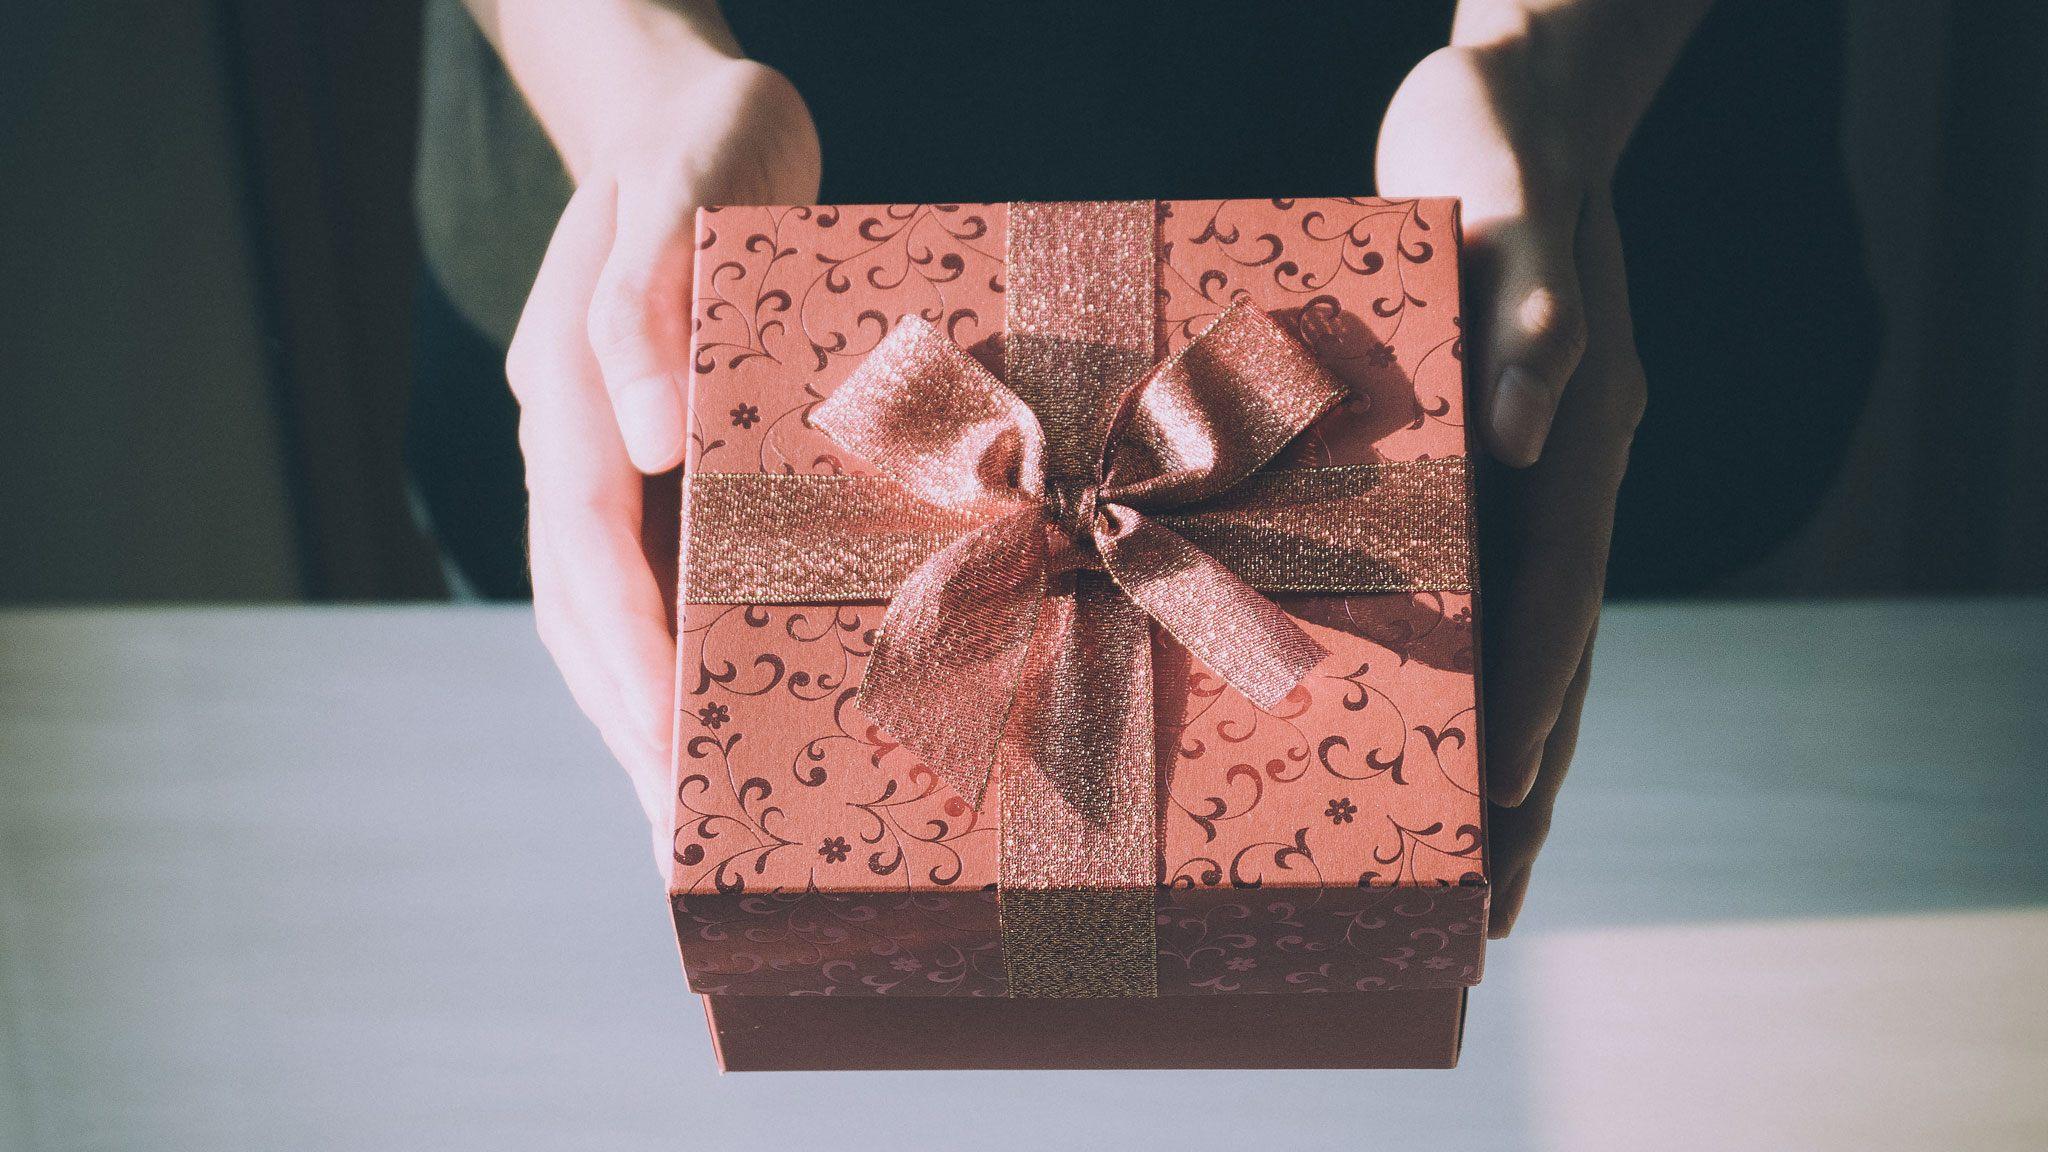 Избери оригинален подарък от SkyVision! Подари изживяване и незабравима емоция!